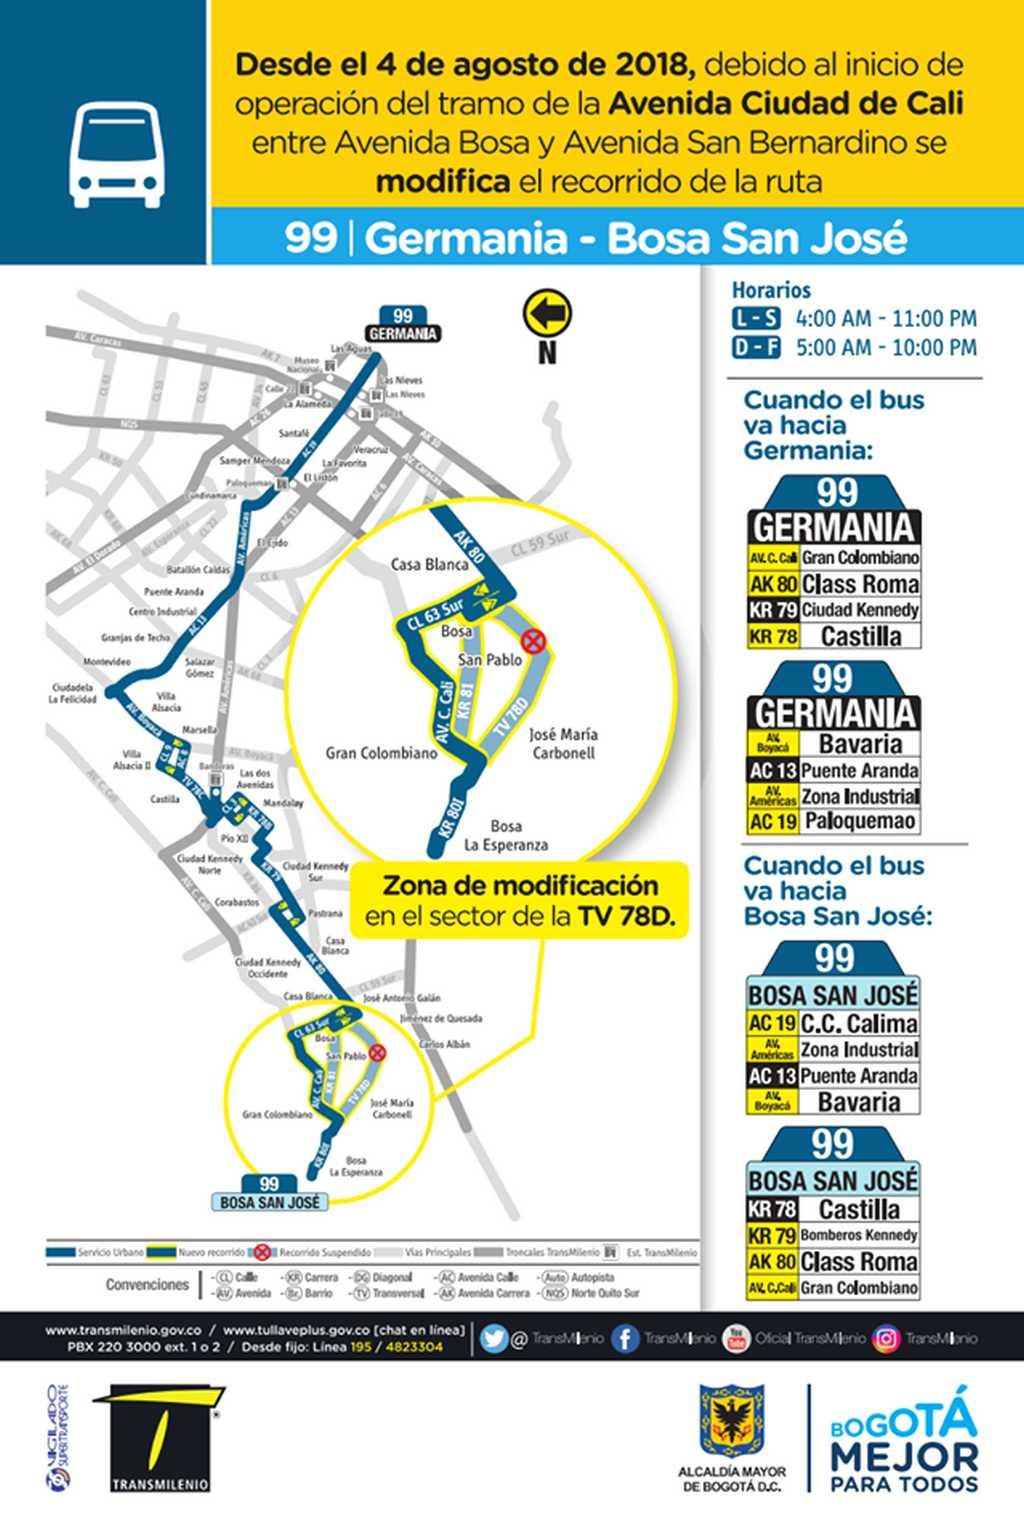 Mapa ruta urbana 99 - ingresará a la Avenida Cali desde el 4 de agosto